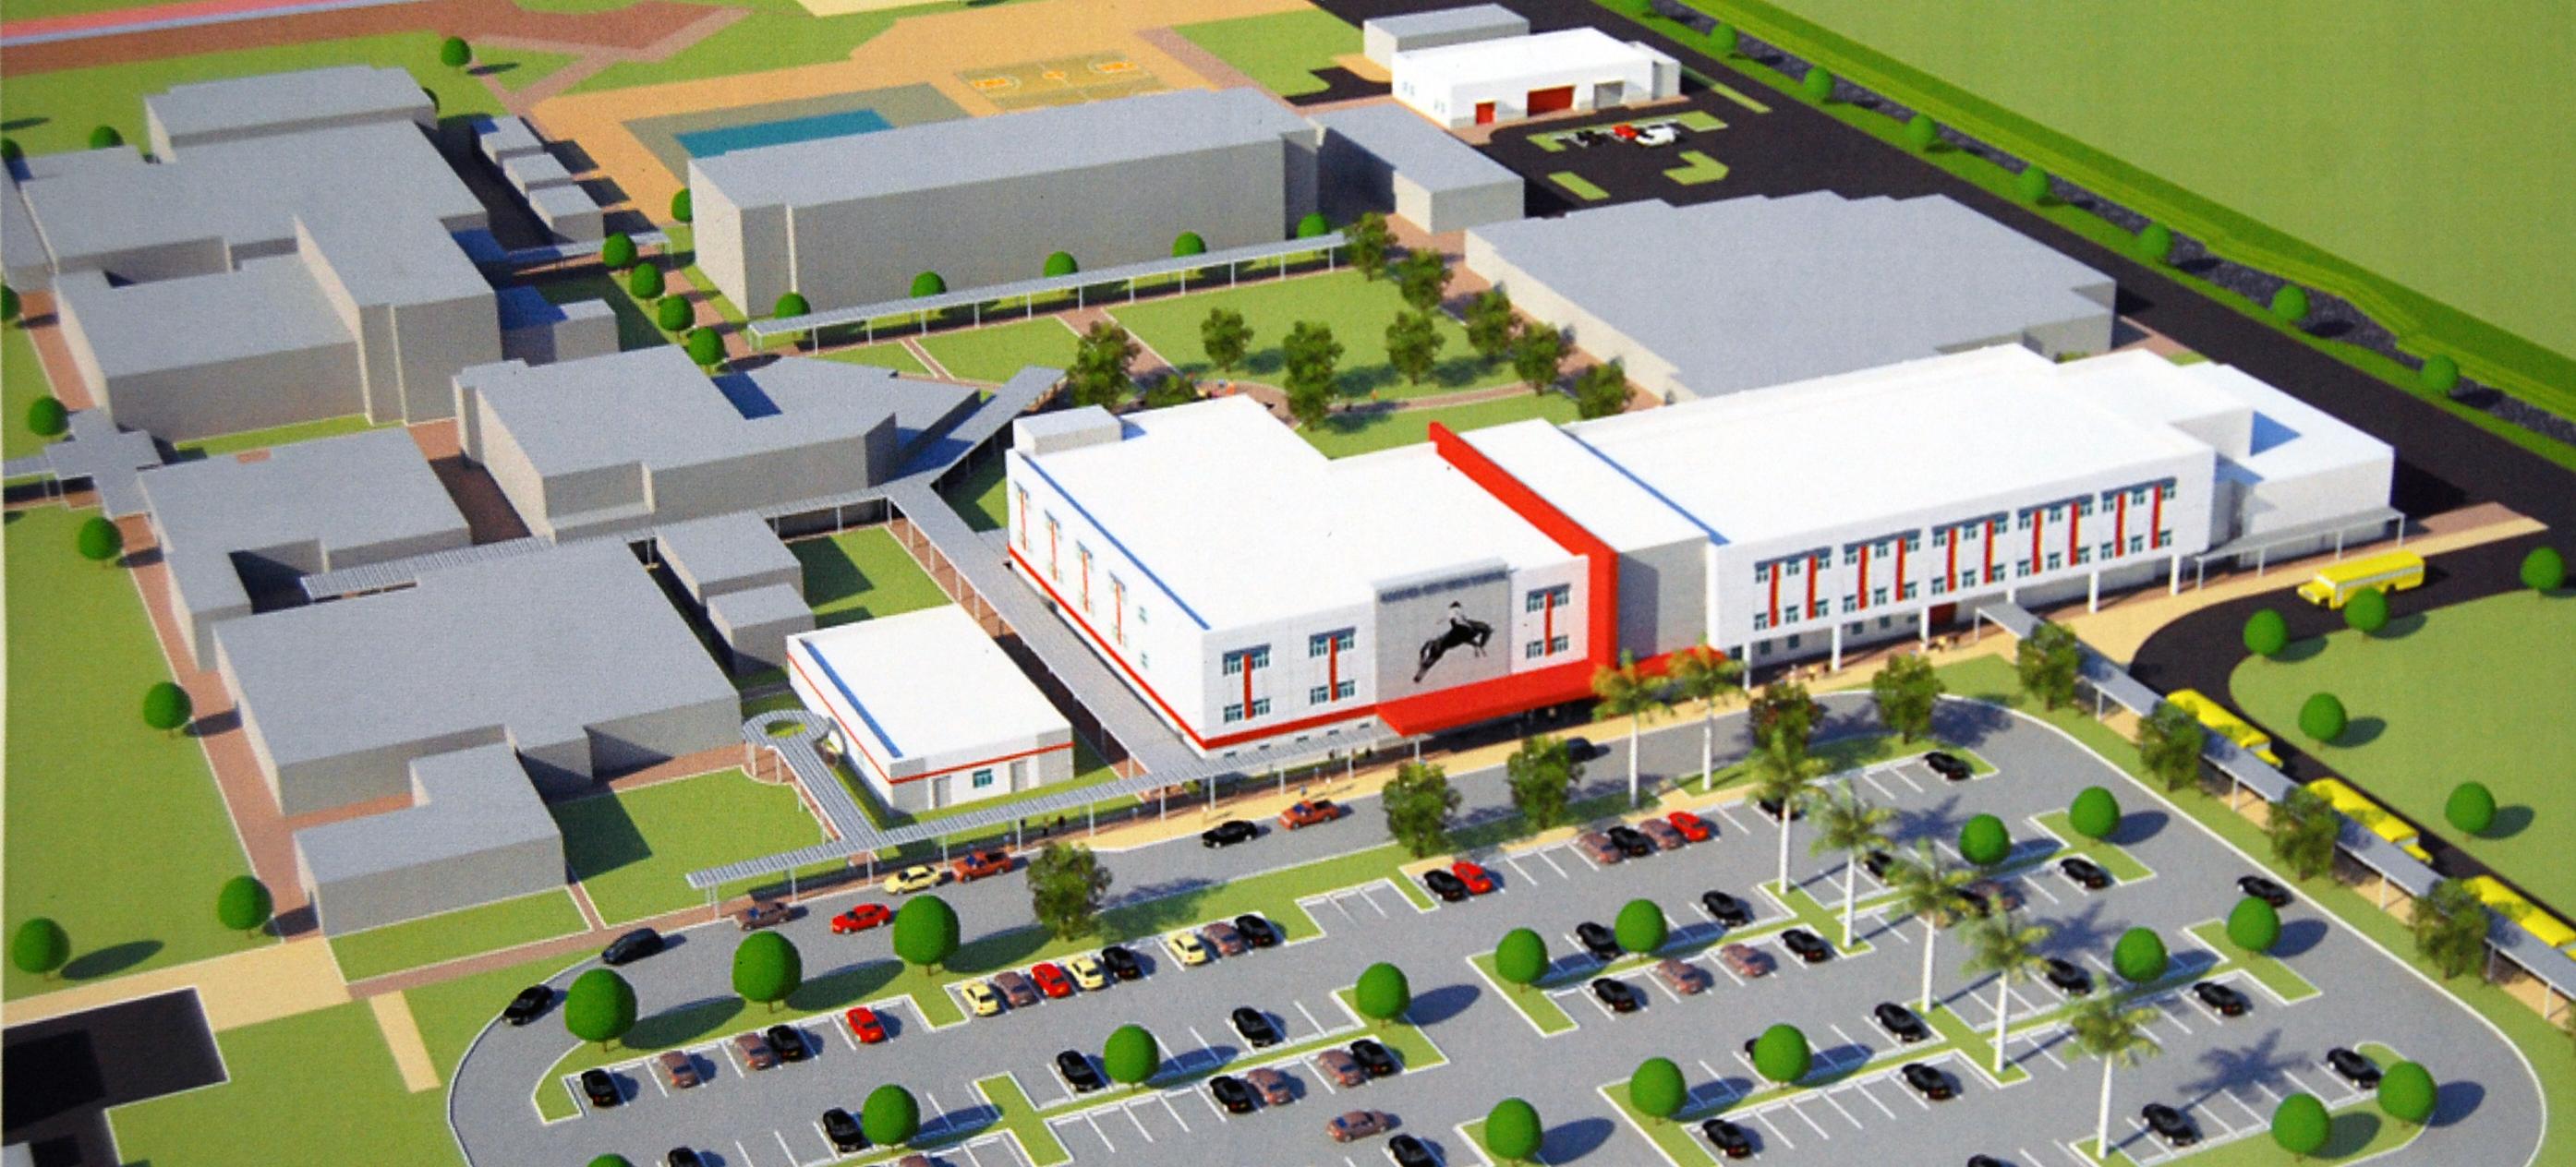 Cchs unveils new construction plans the lariat for New construction plans